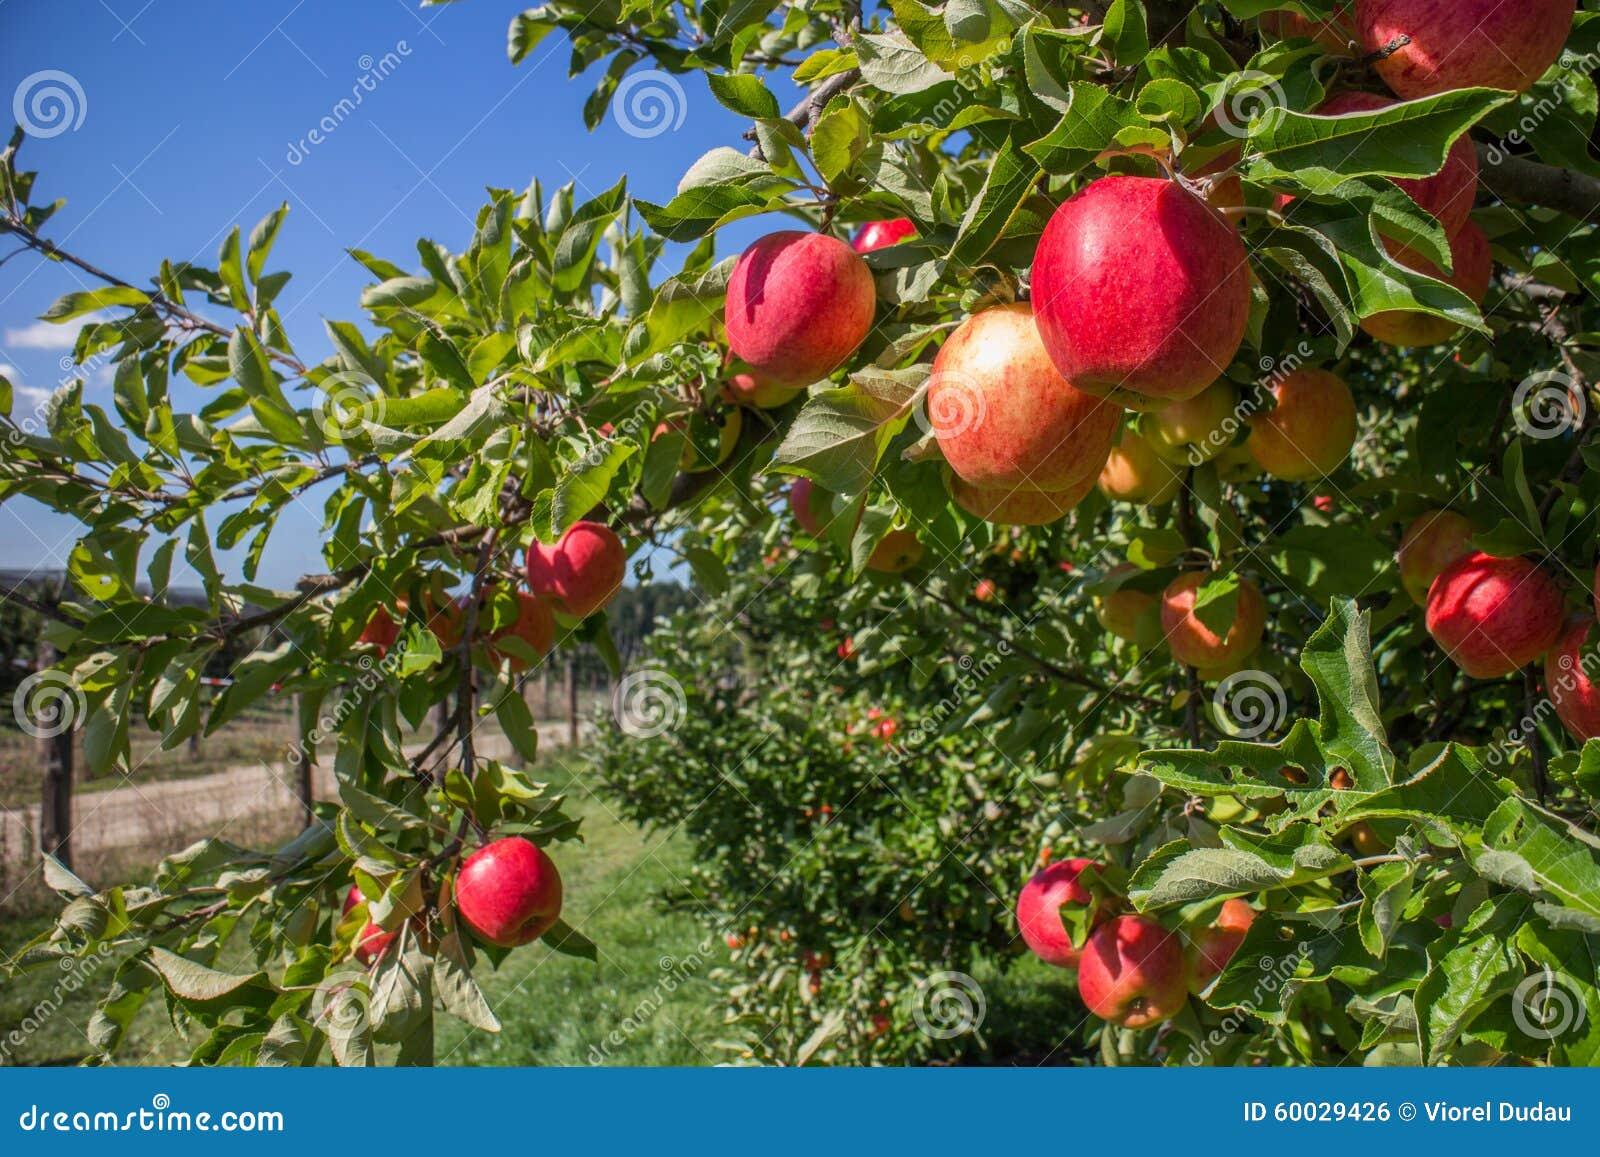 Organische rode appelen in boomgaard